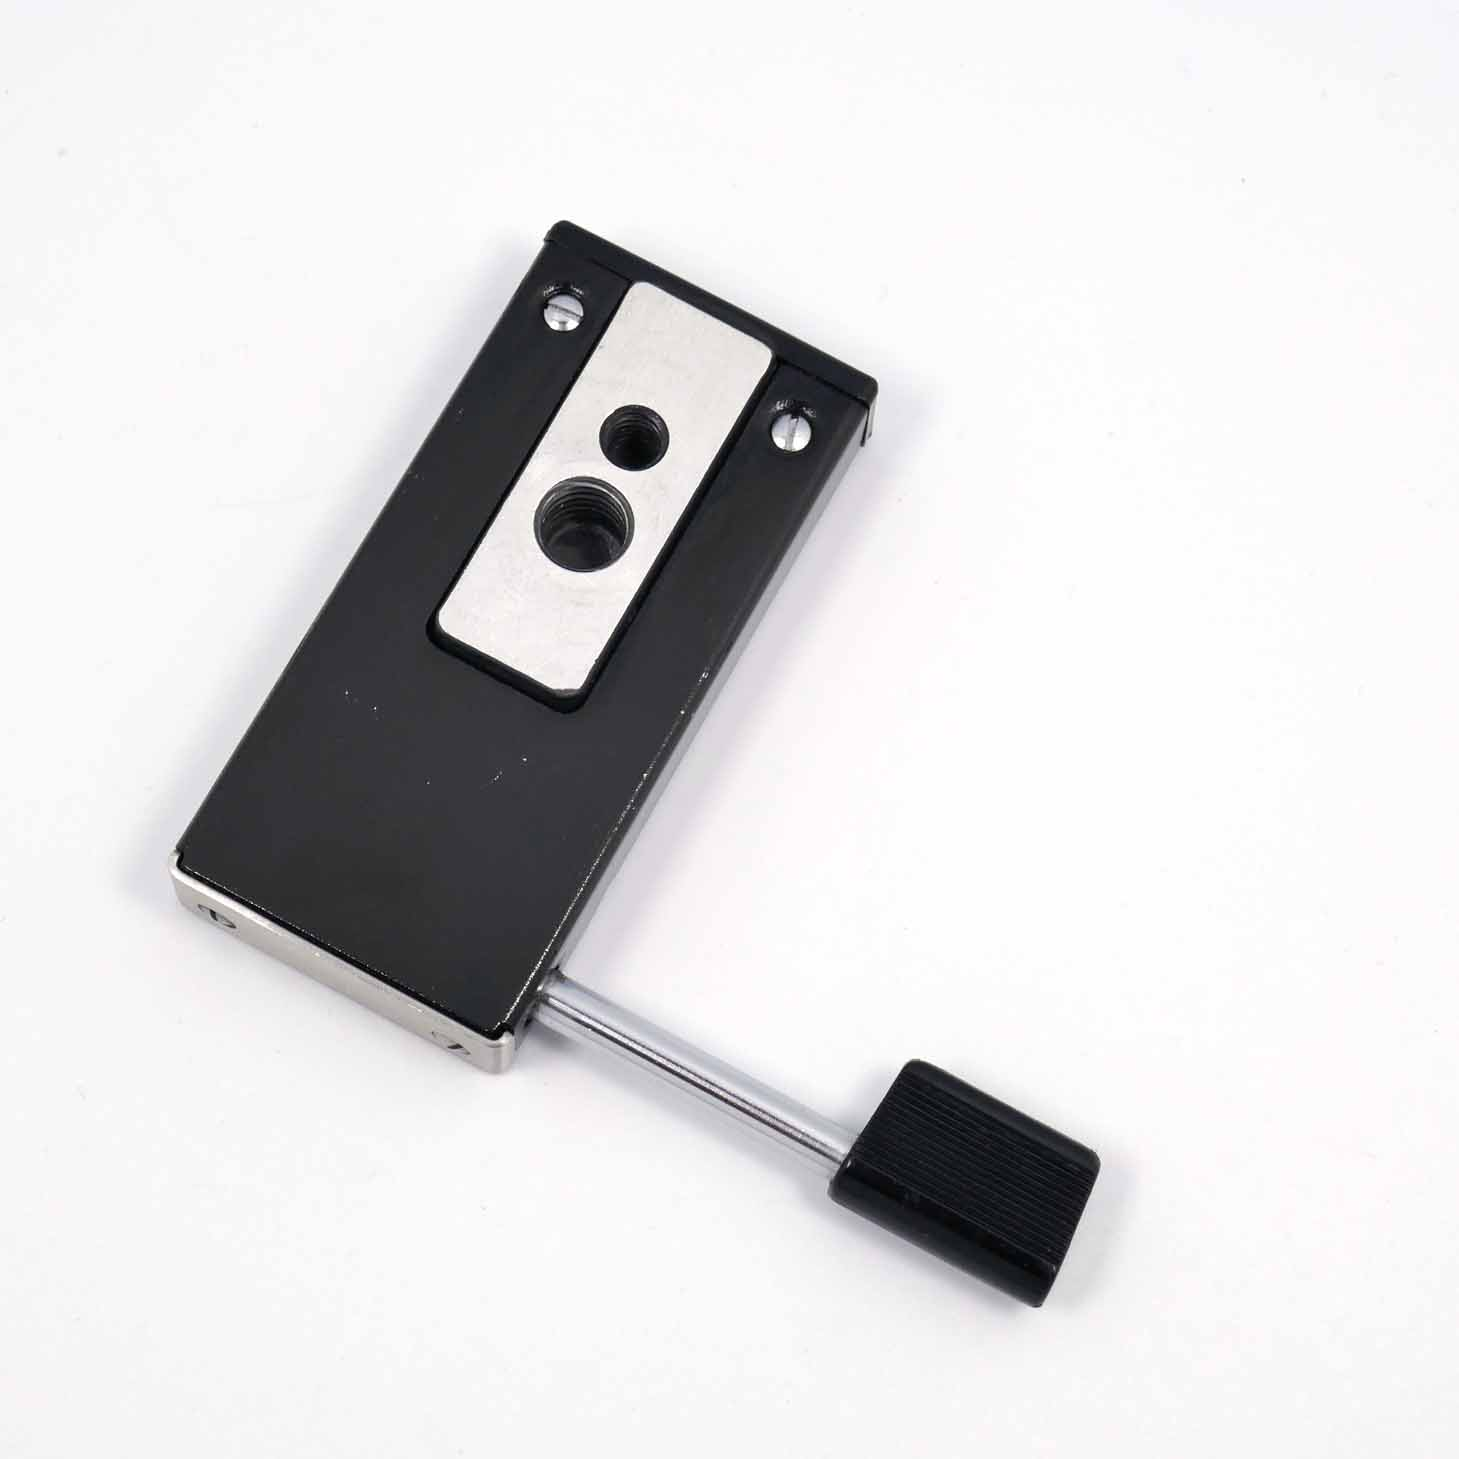 clean-cameras-Hasselblad-Schnellkupplung-45004---02